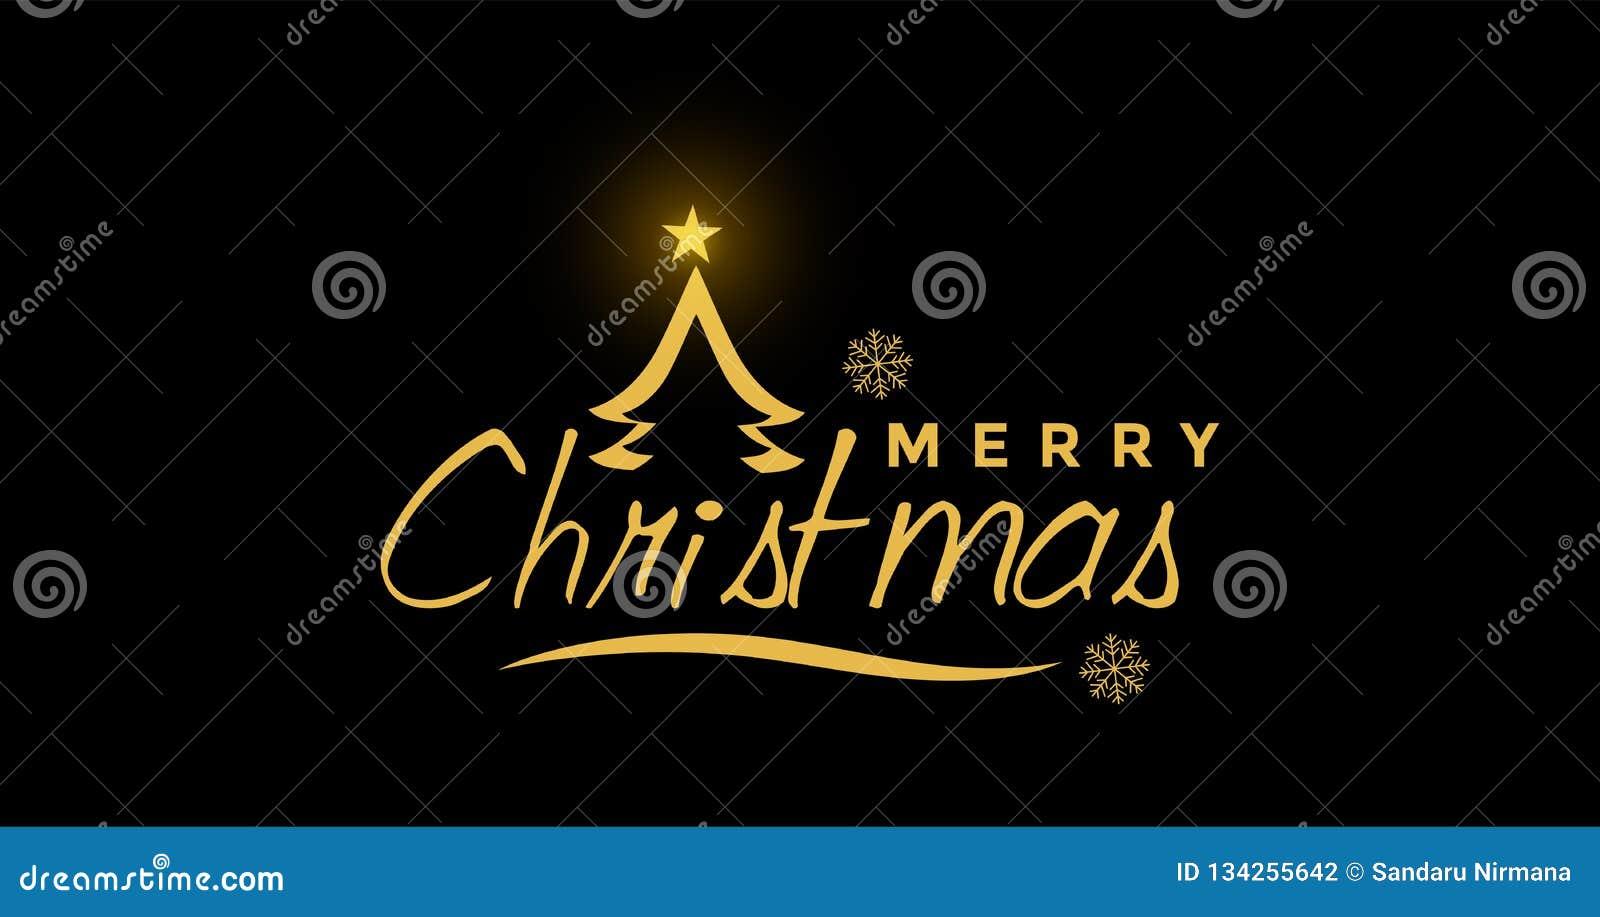 Feliz Natal e cumprimento do projeto do texto no ícone colorido ouro no fundo preto abstrato